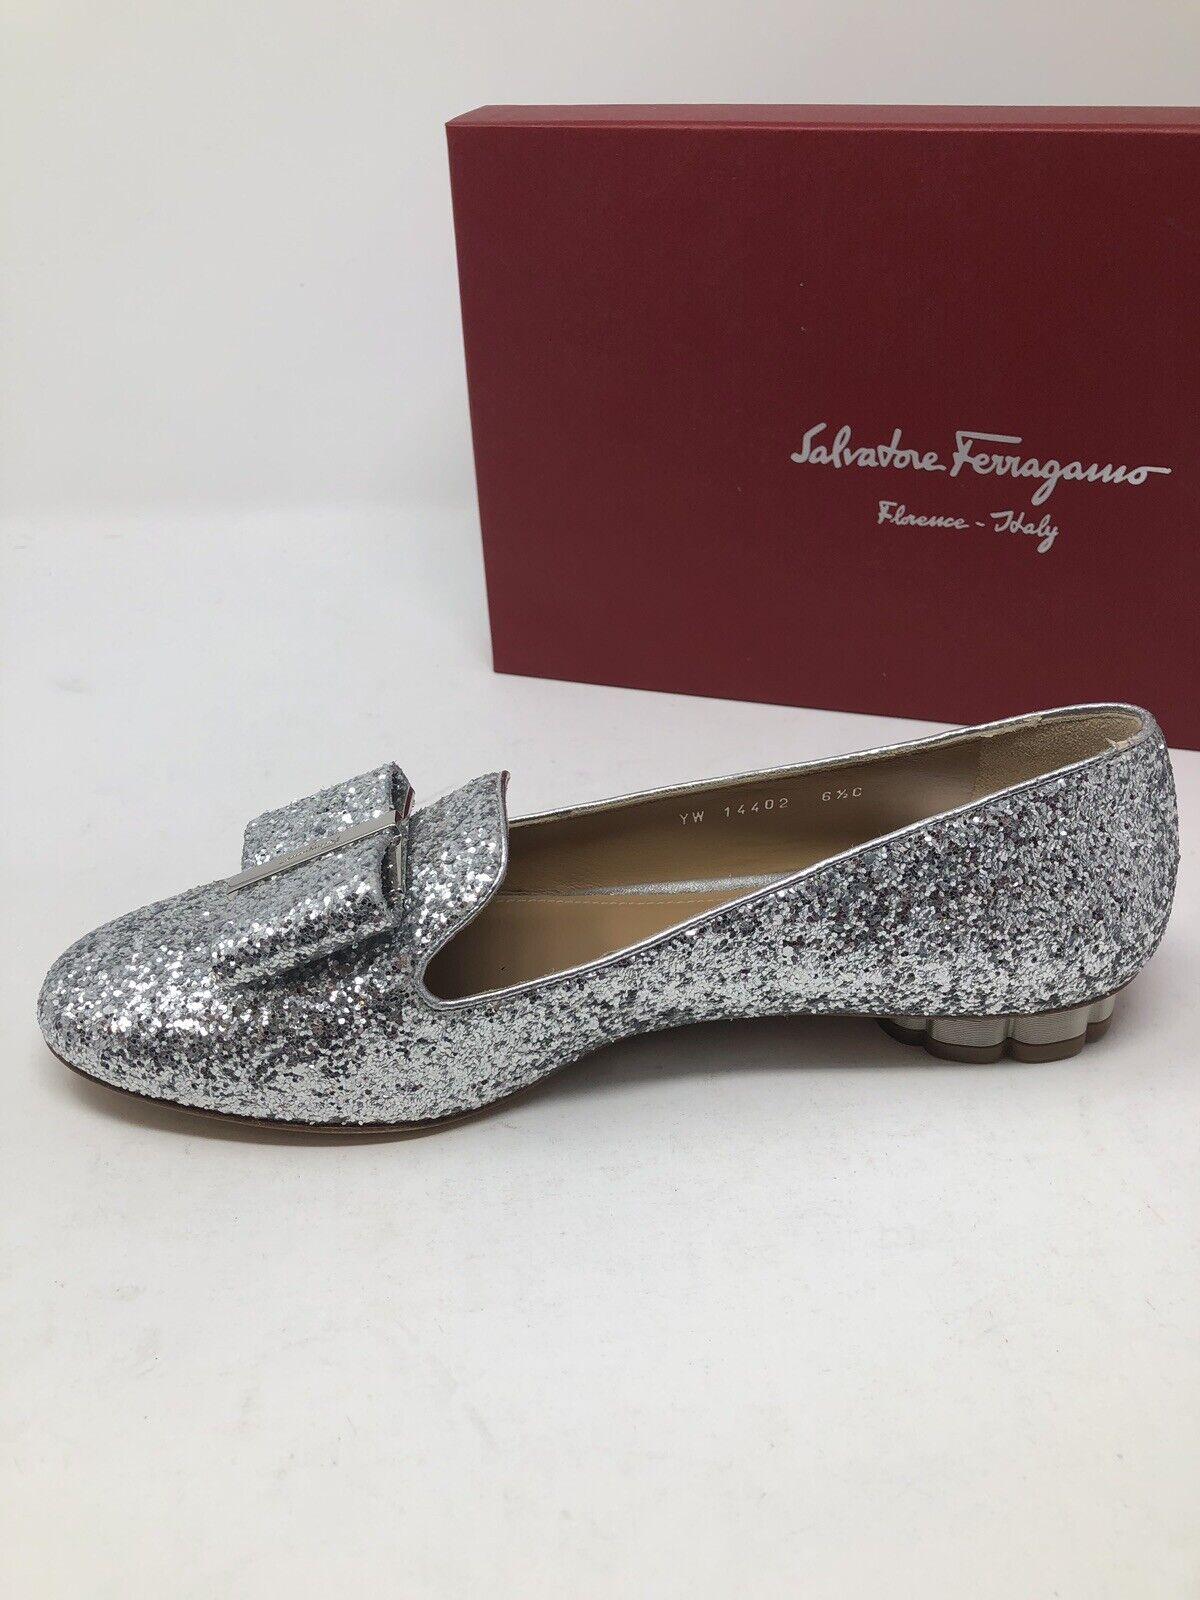 650 650 650 Nouveau SALVATORE FERRAGAMO Chaussures Pointure Femme Argent Sarno Chaussures Taille 6.5 37 c2ec4e